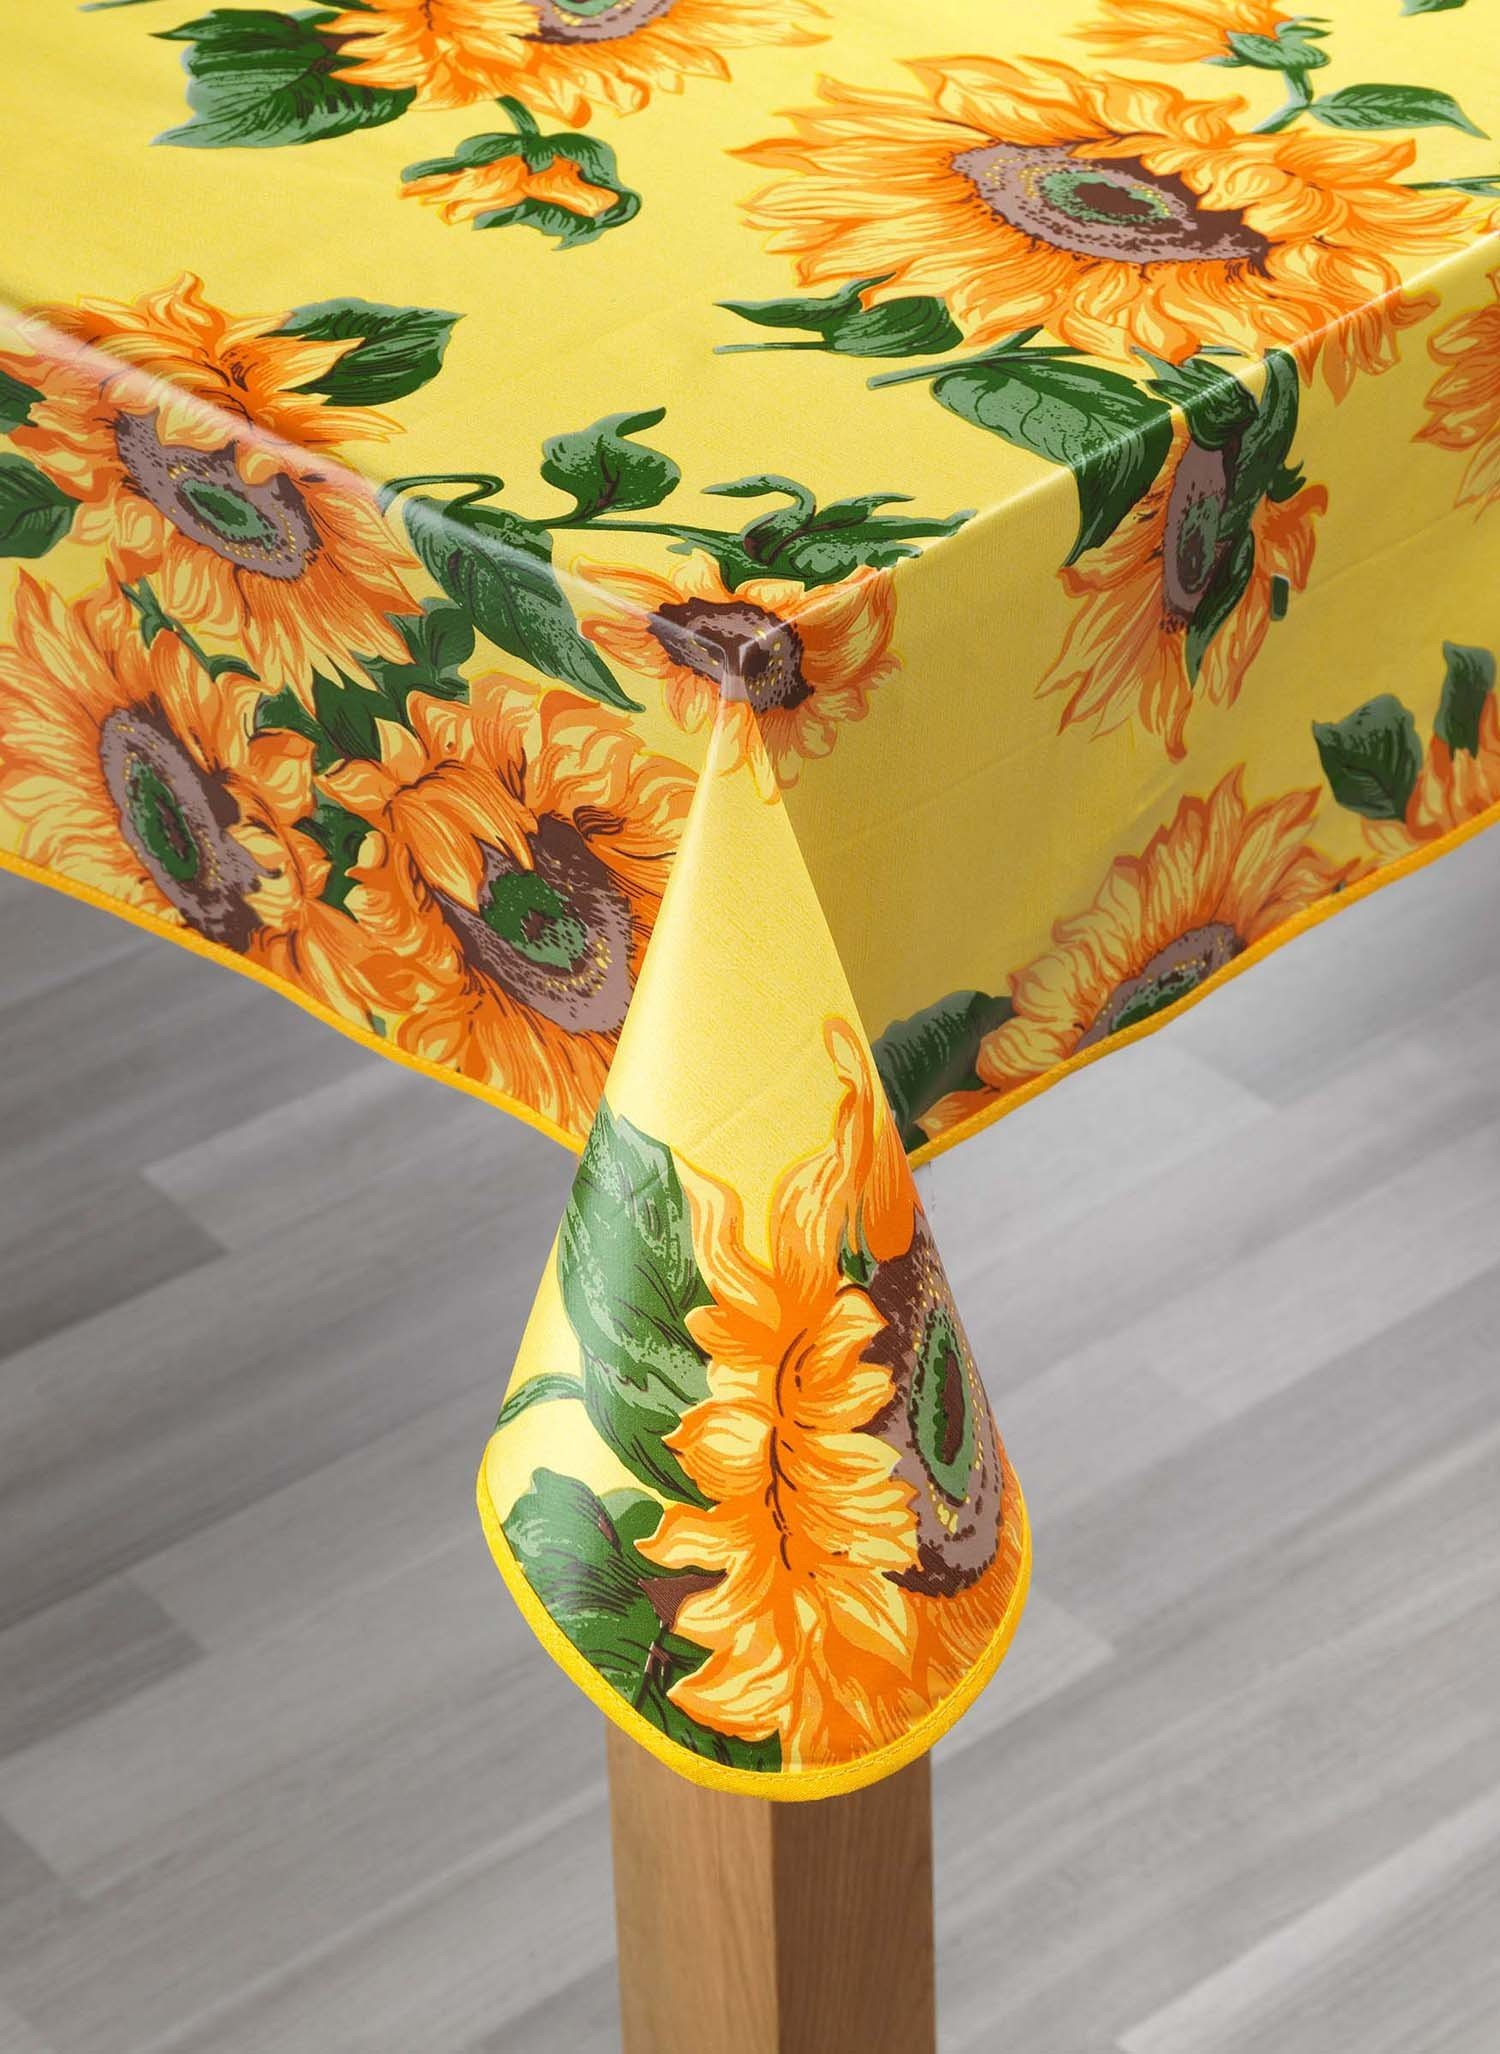 Tisch.Sonnenblume.gelb 140x180 - 4 - Ronja.ch